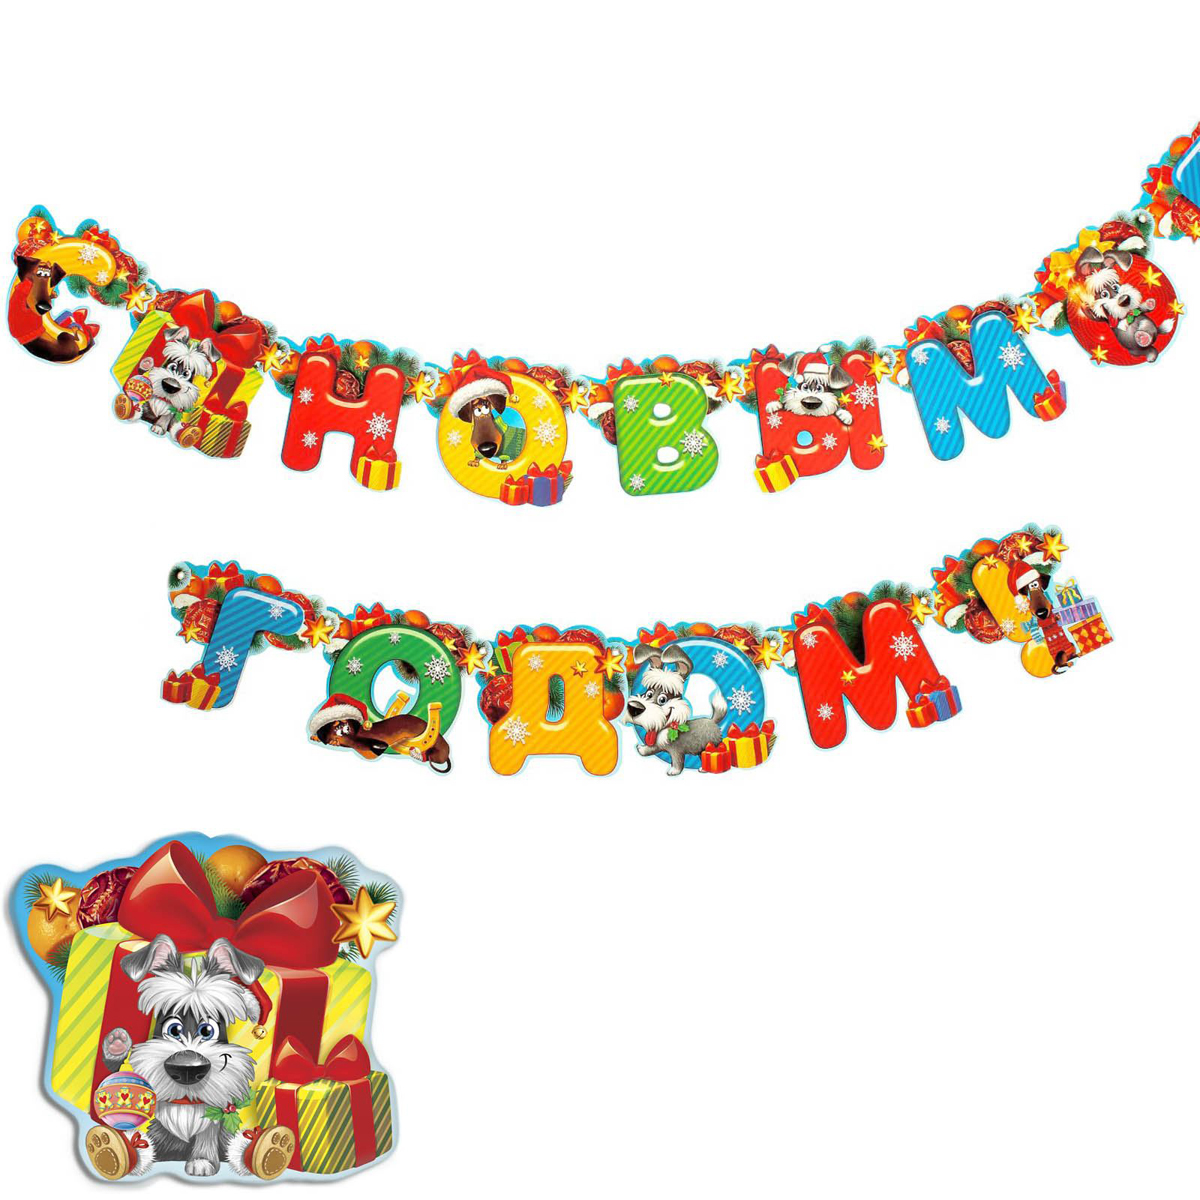 Гирлянда С Новым годом! Собаки, на люверсах, длина 175 см1481927Невозможно представить нашу жизнь без праздников! Мы всегда ждем их и предвкушаем, обдумываем, как проведем памятный день, тщательно выбираем подарки и аксессуары, ведь именно они создают и поддерживают торжественный настрой. Это отличный выбор, который привнесет атмосферу праздника в ваш дом!